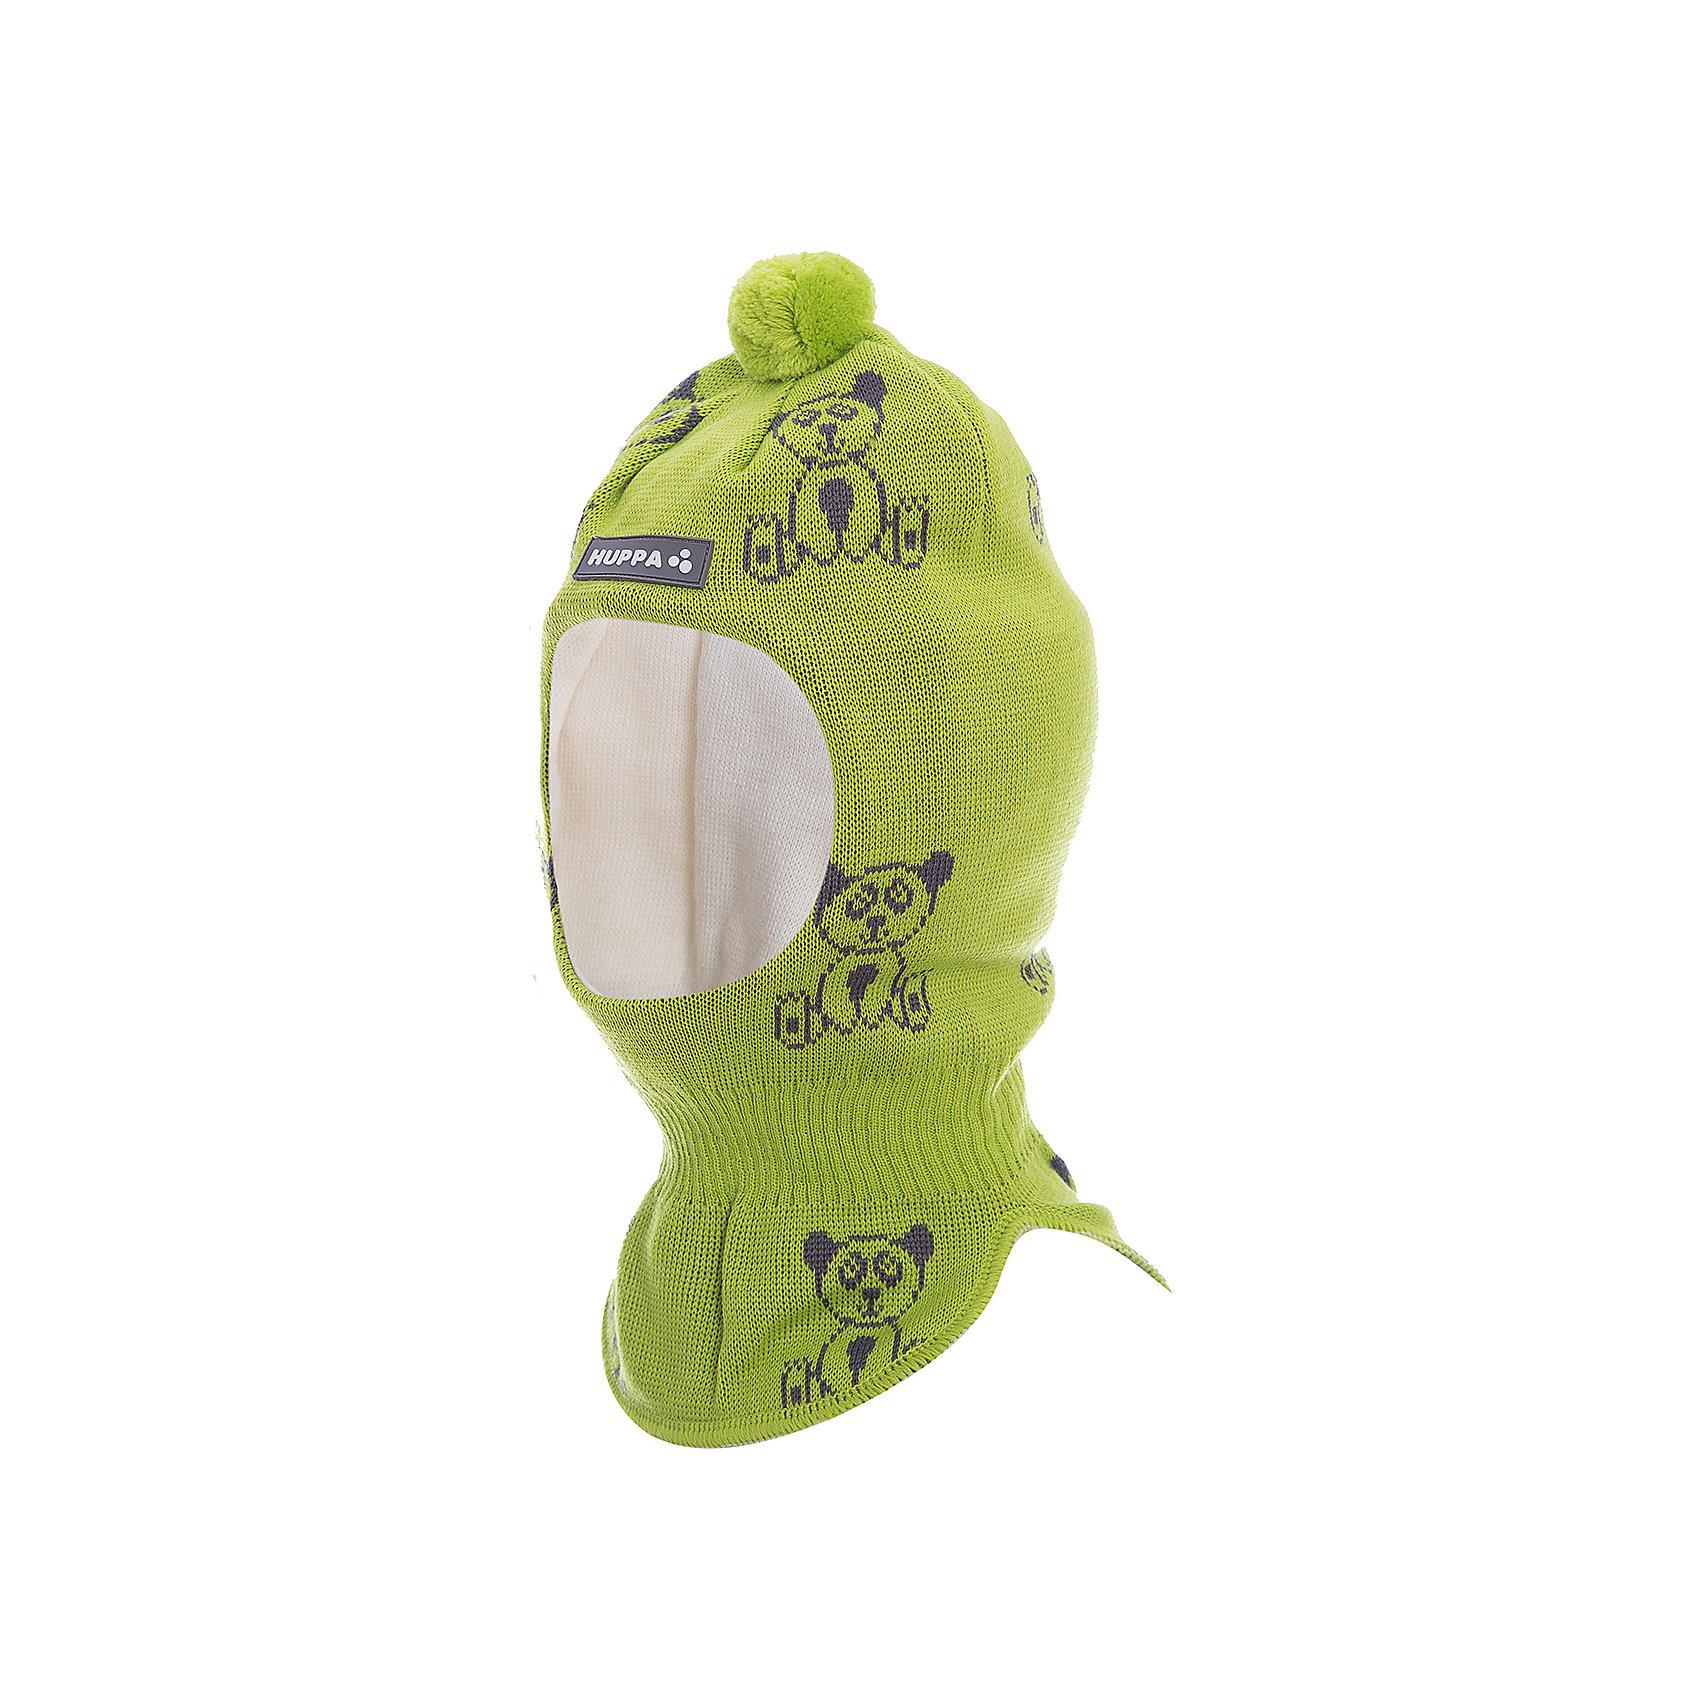 Шапка-шлем KELDA HuppaГоловные уборы<br>Вязаная шапка-шлем для детей KELDA.Теплая вязаная шапочка на хлопковой подкладке, прекрассно подойдет для повседневных прогулок в холодную погоду.<br>Состав:<br>50% мерс.шерсть, 50% акрил<br><br>Ширина мм: 89<br>Глубина мм: 117<br>Высота мм: 44<br>Вес г: 155<br>Цвет: зеленый<br>Возраст от месяцев: 3<br>Возраст до месяцев: 12<br>Пол: Унисекс<br>Возраст: Детский<br>Размер: 43-45,51-53,47-49<br>SKU: 7029381